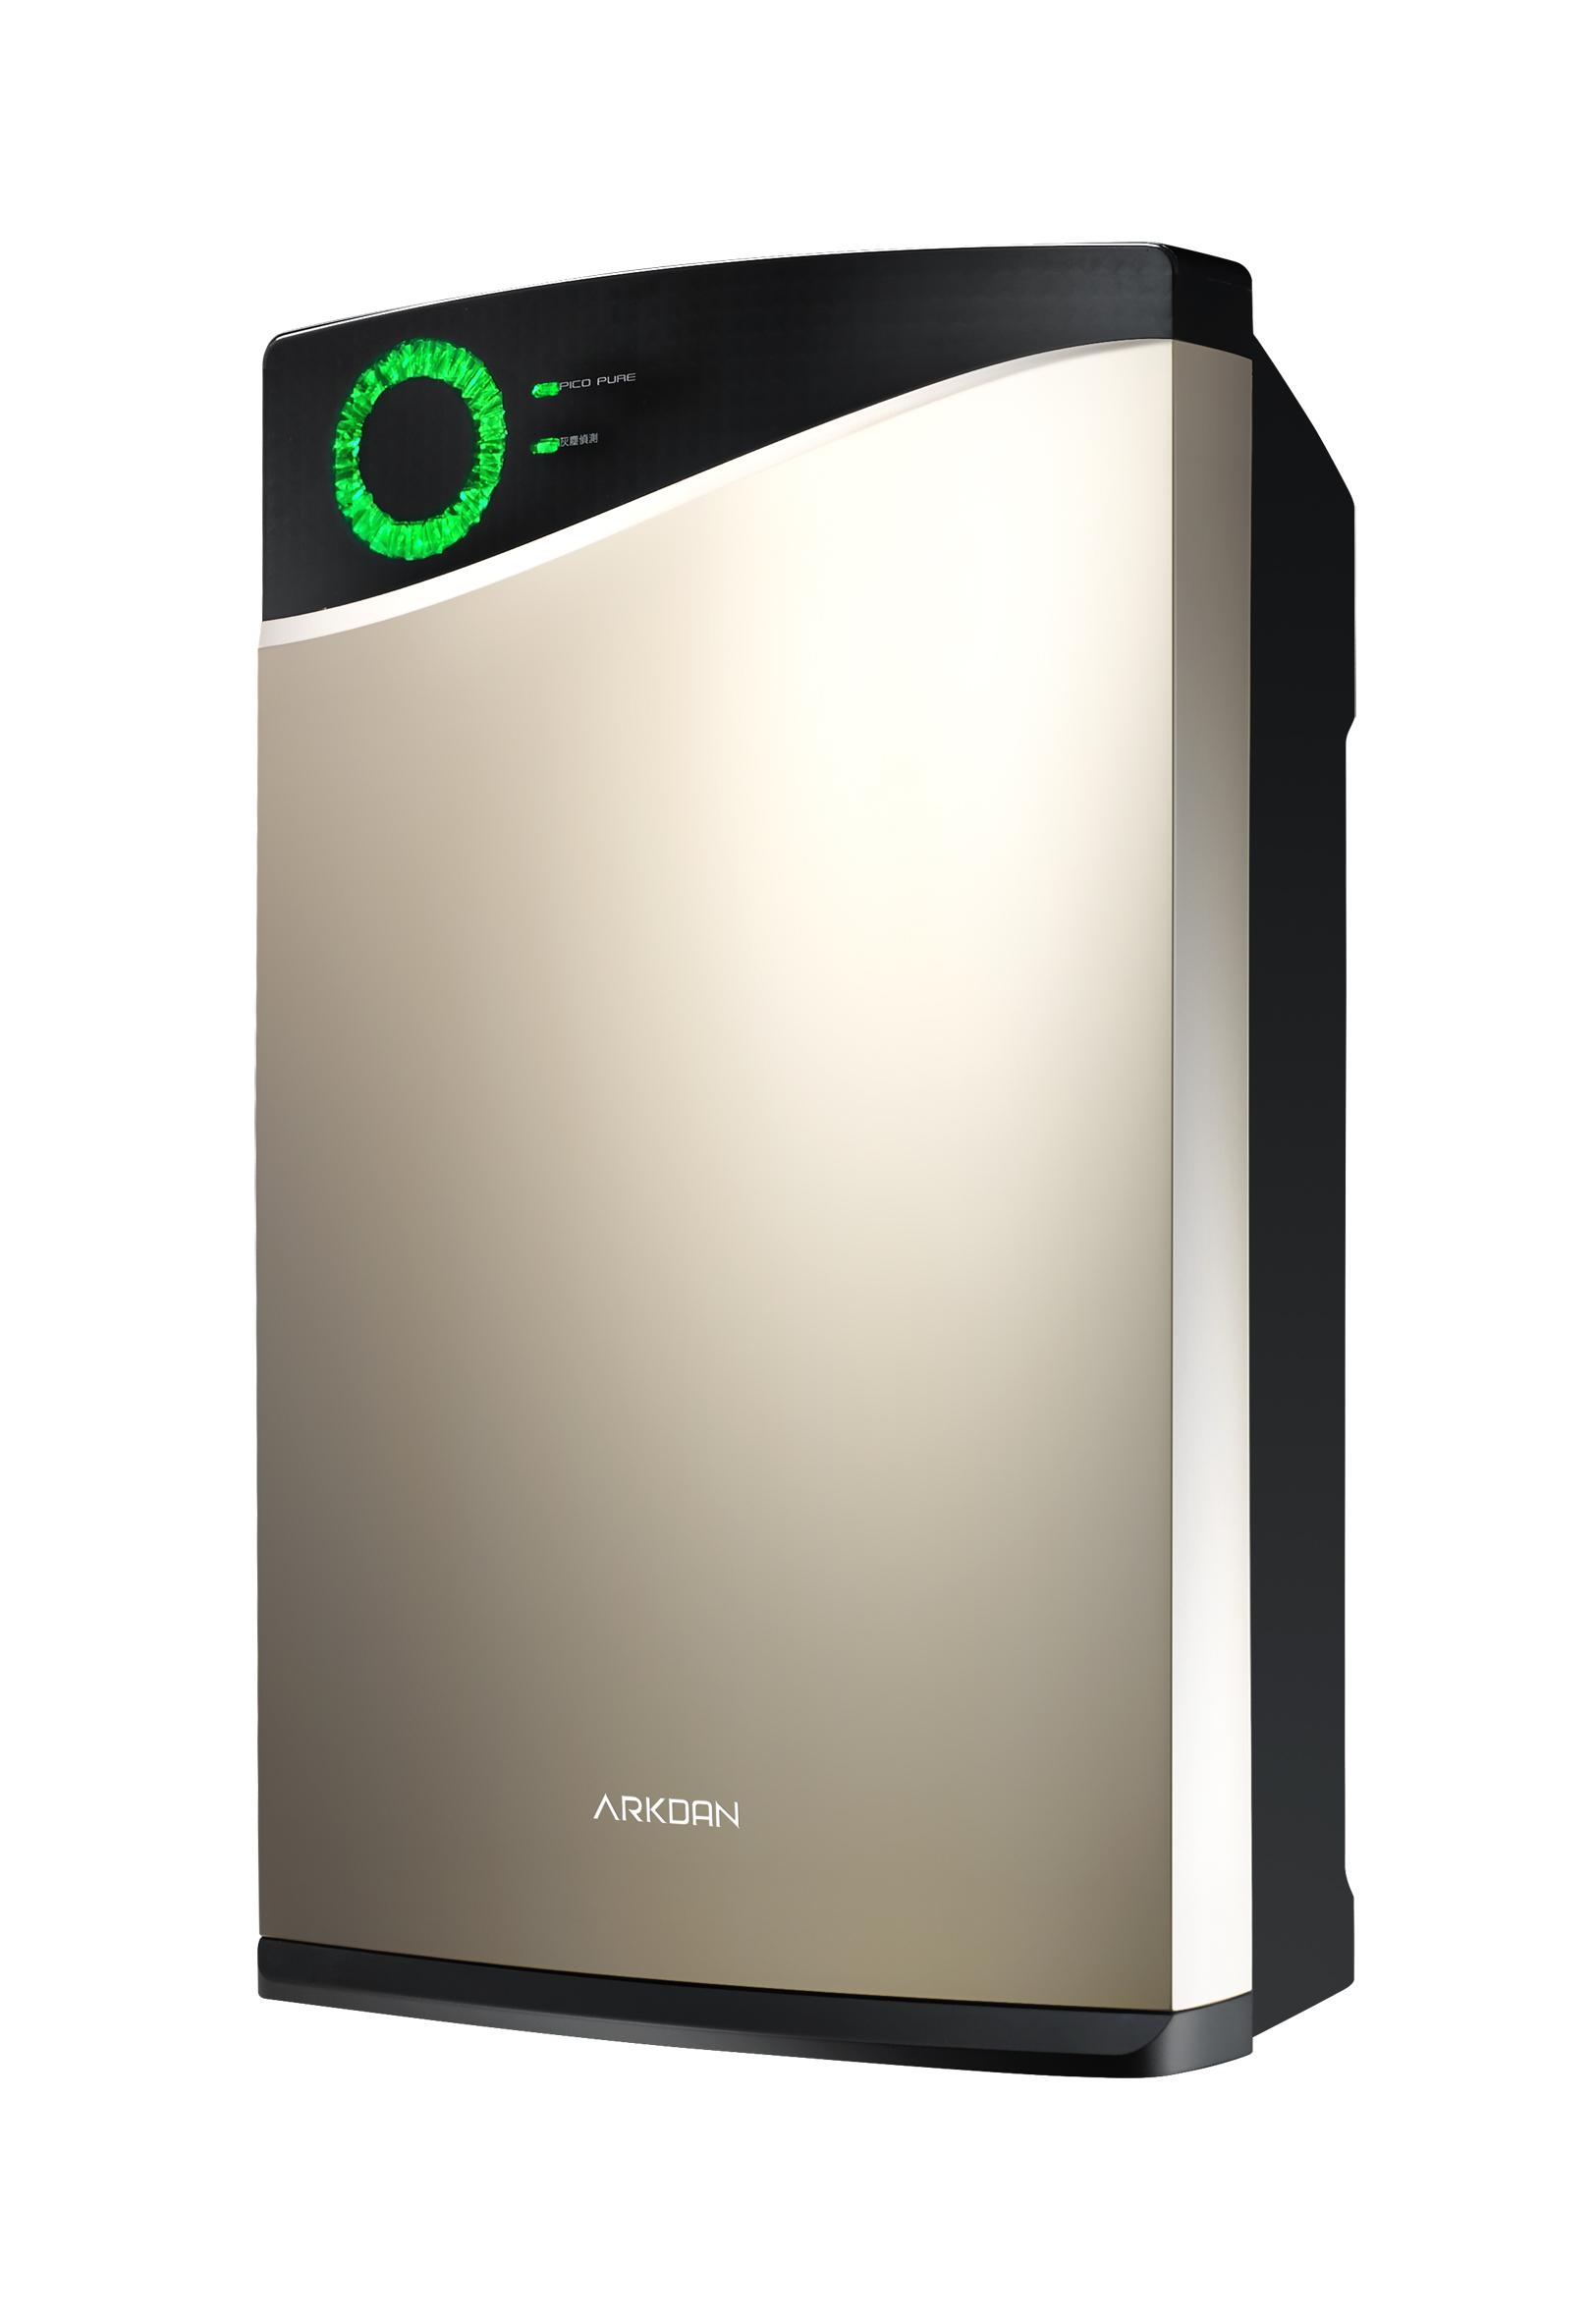 APP control air purifier